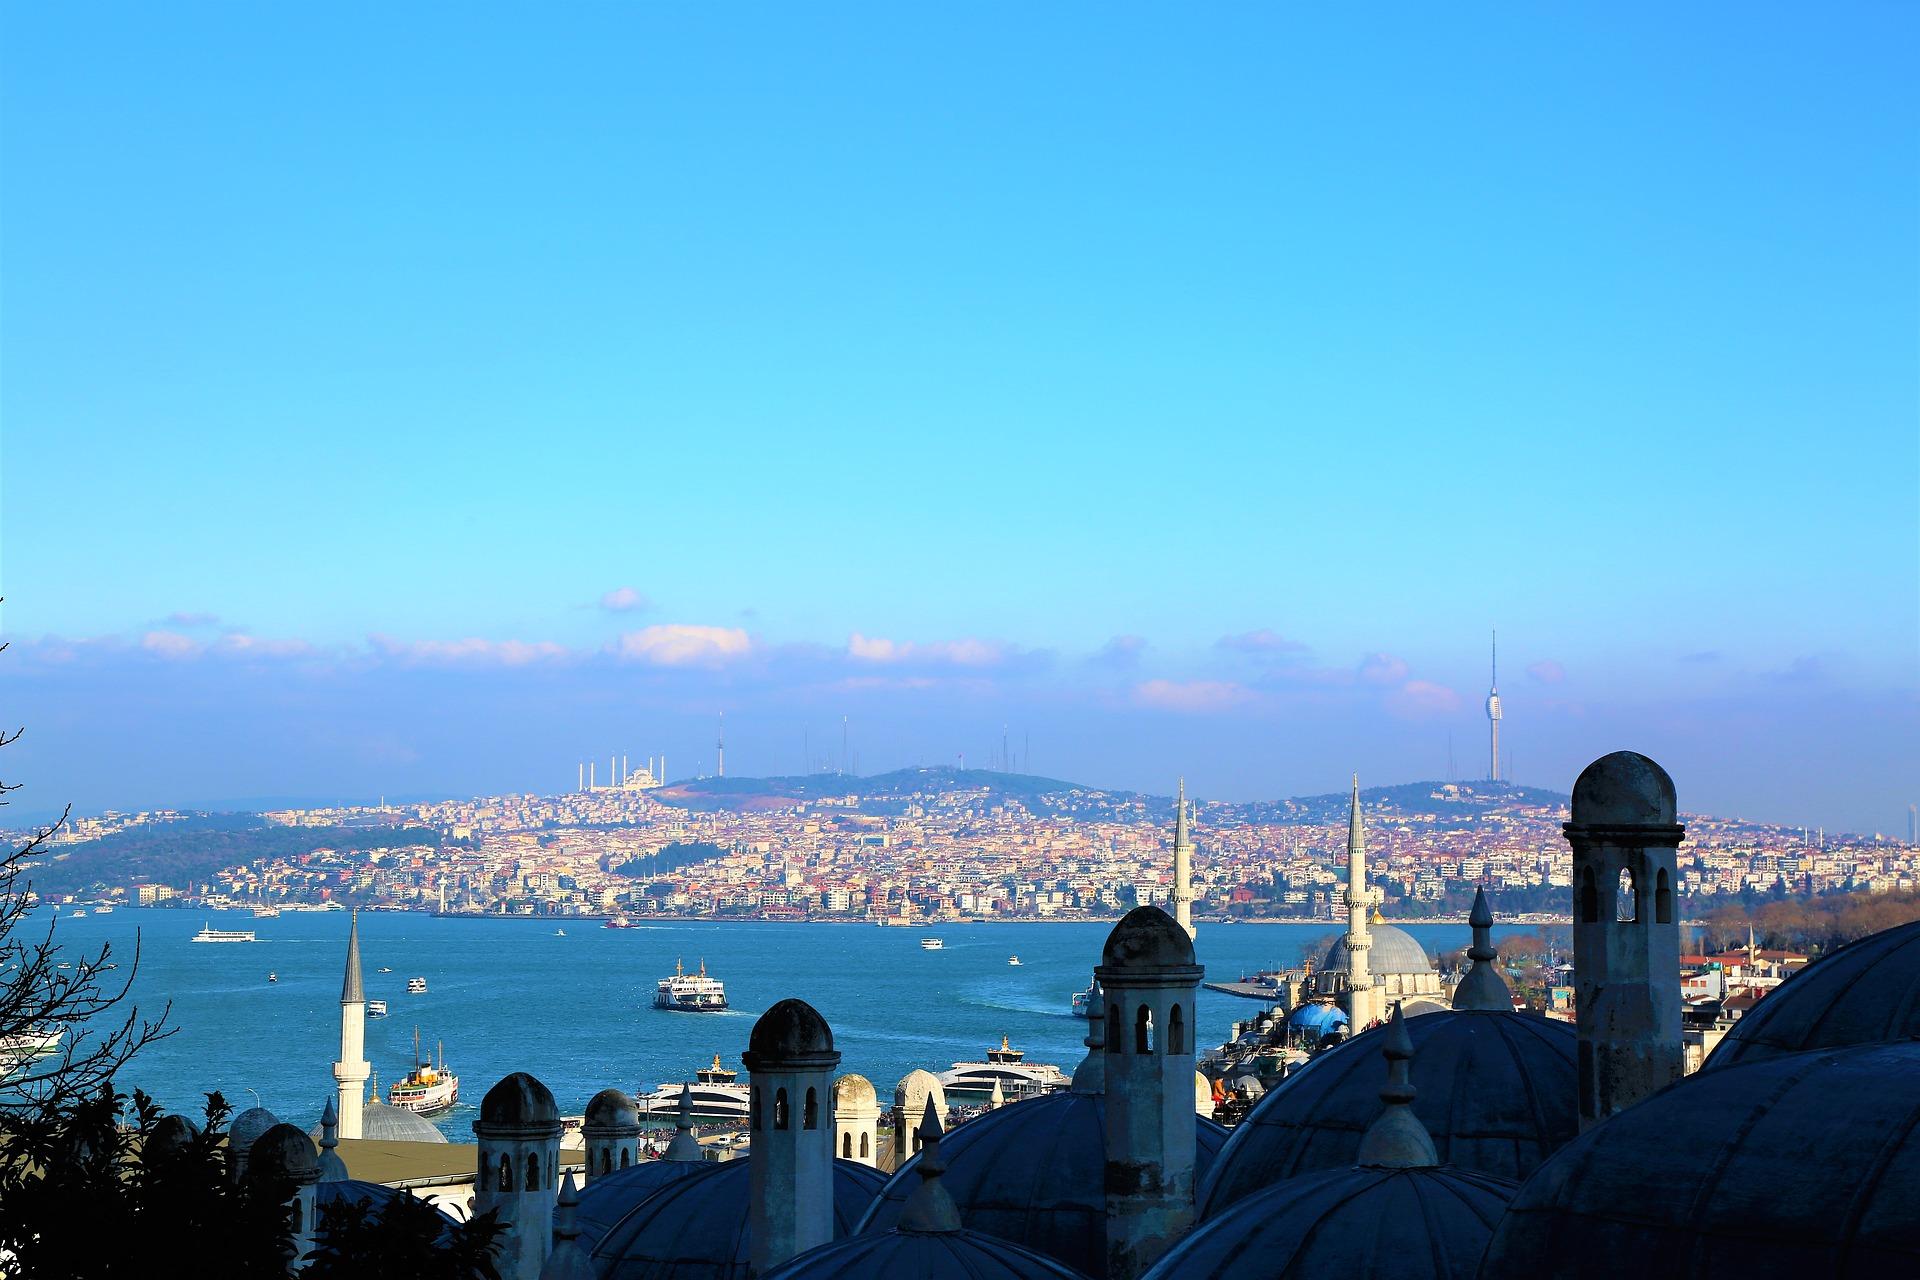 Flug und Hotel nach Istanbul ab 161,00€ zum Bestpreis hier buchen